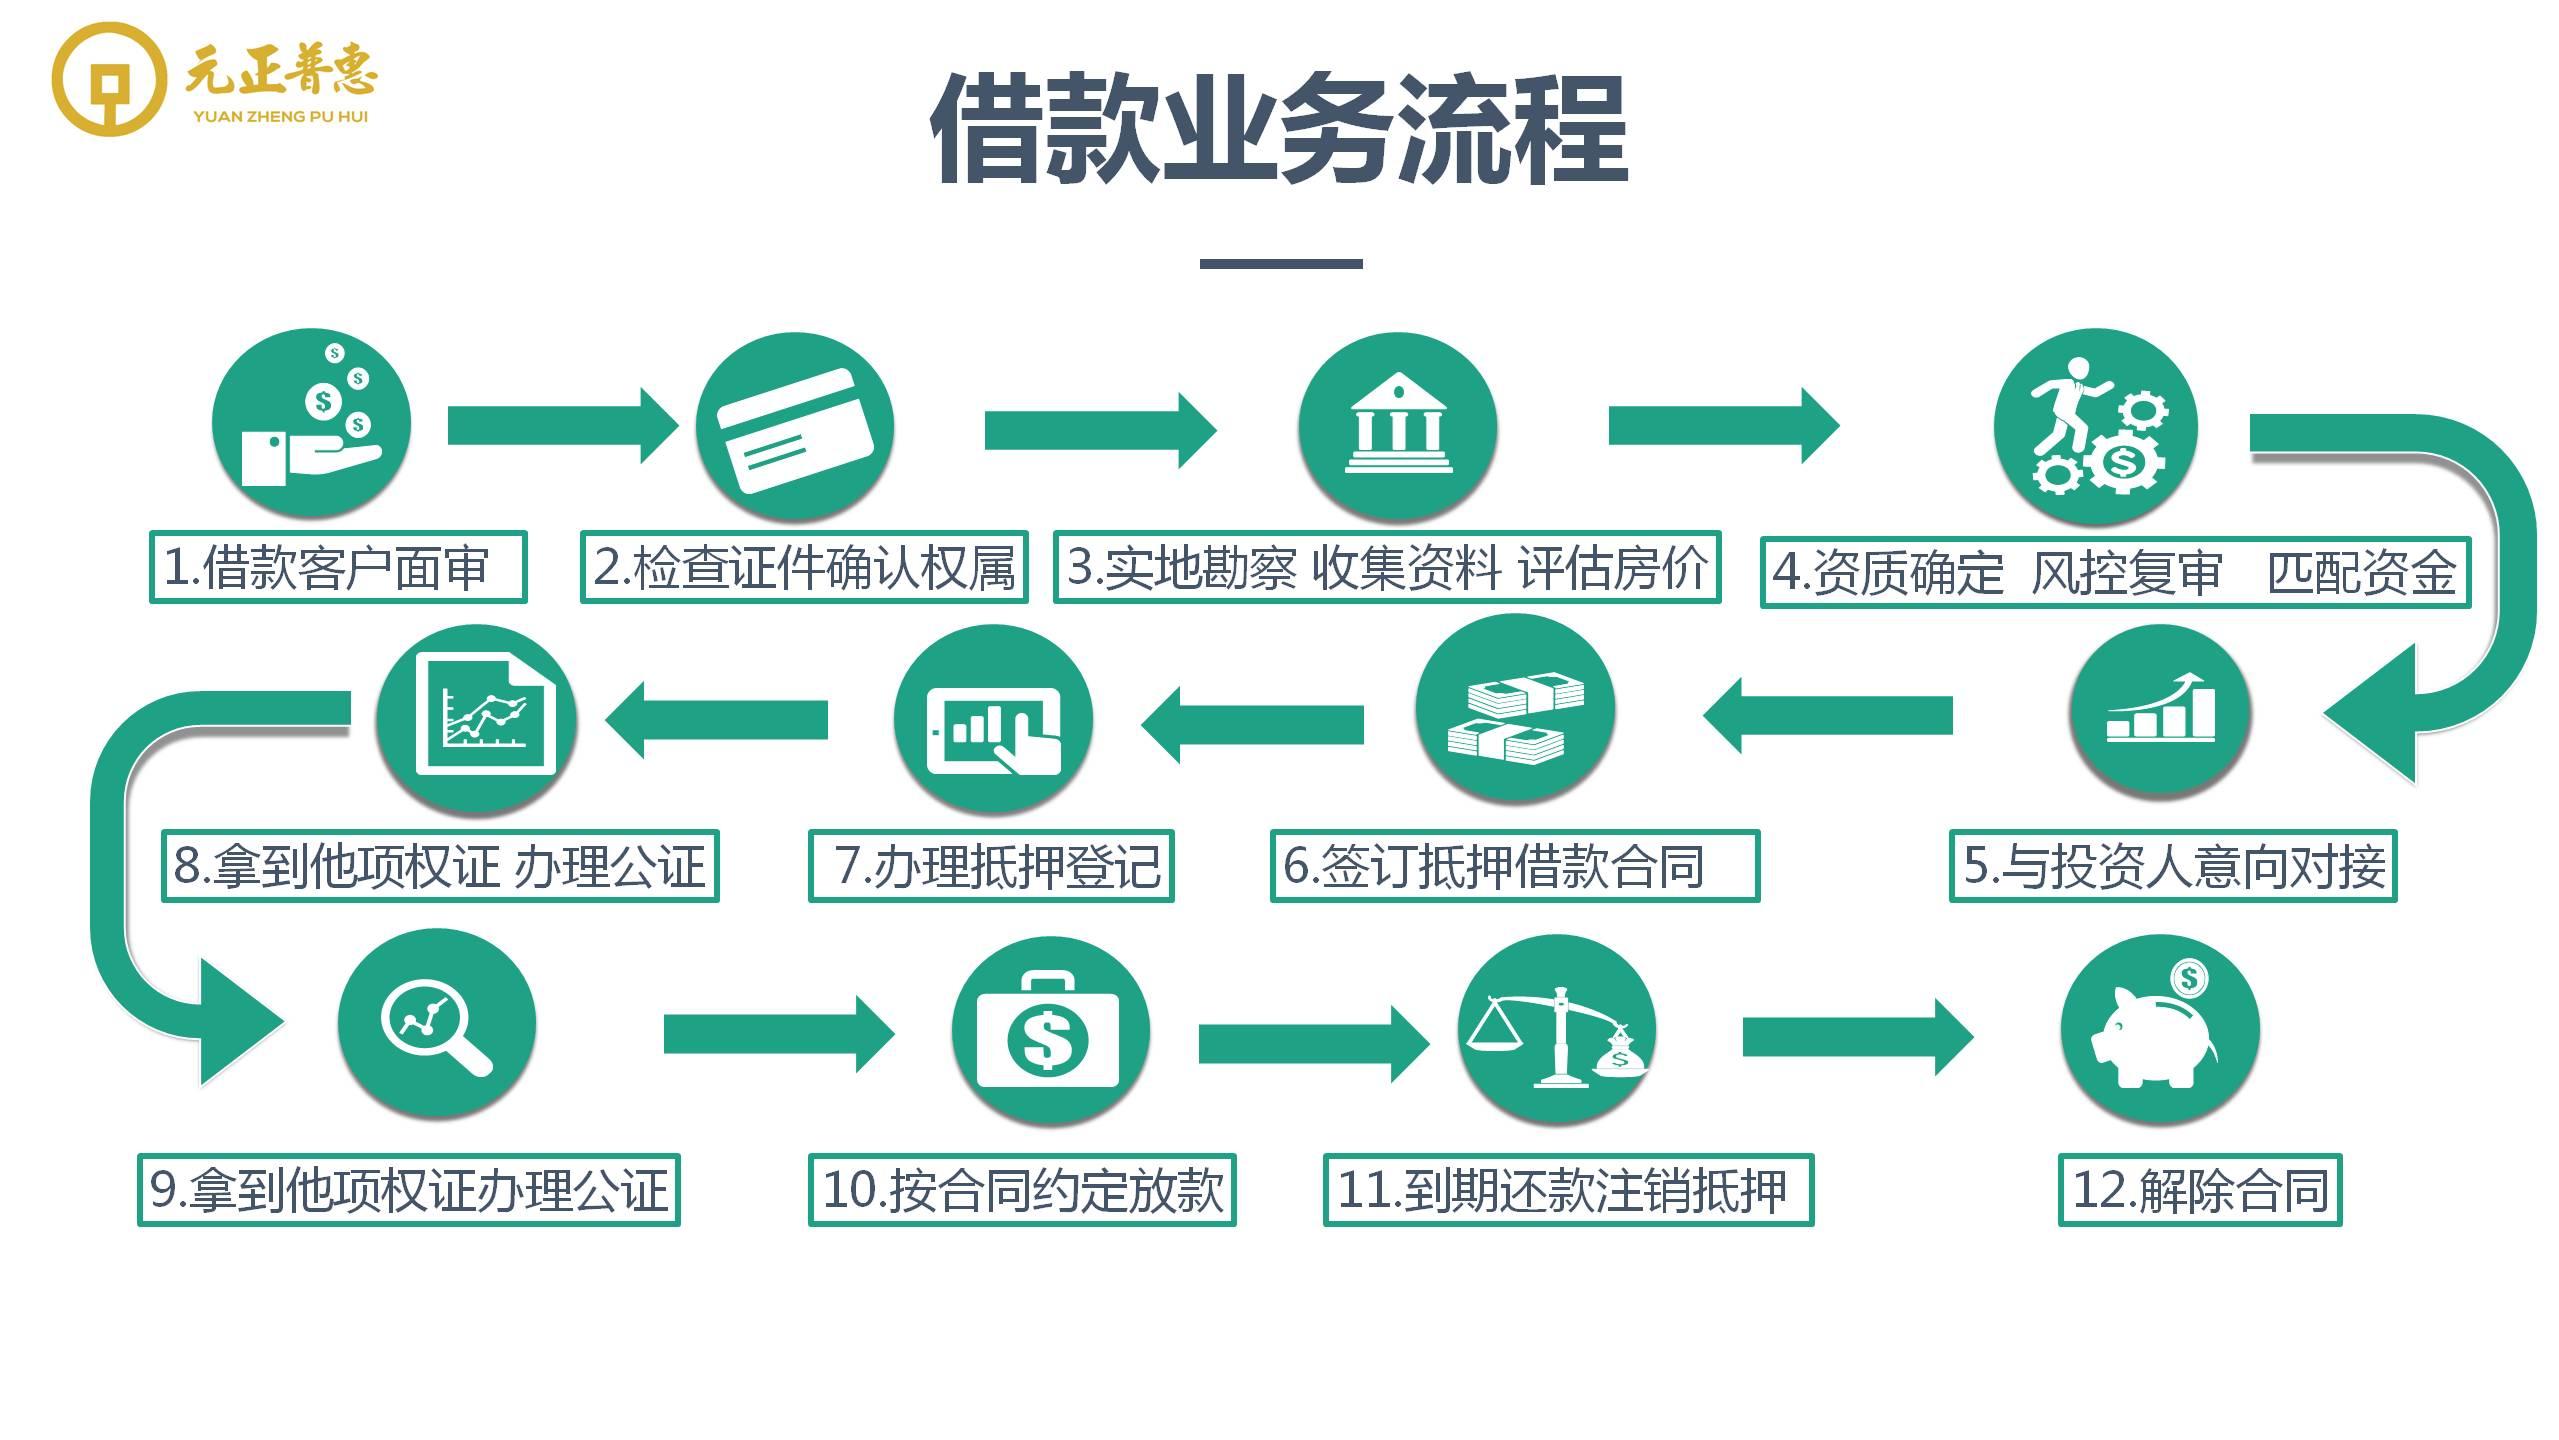 上海蒙佑企业管理有限公司